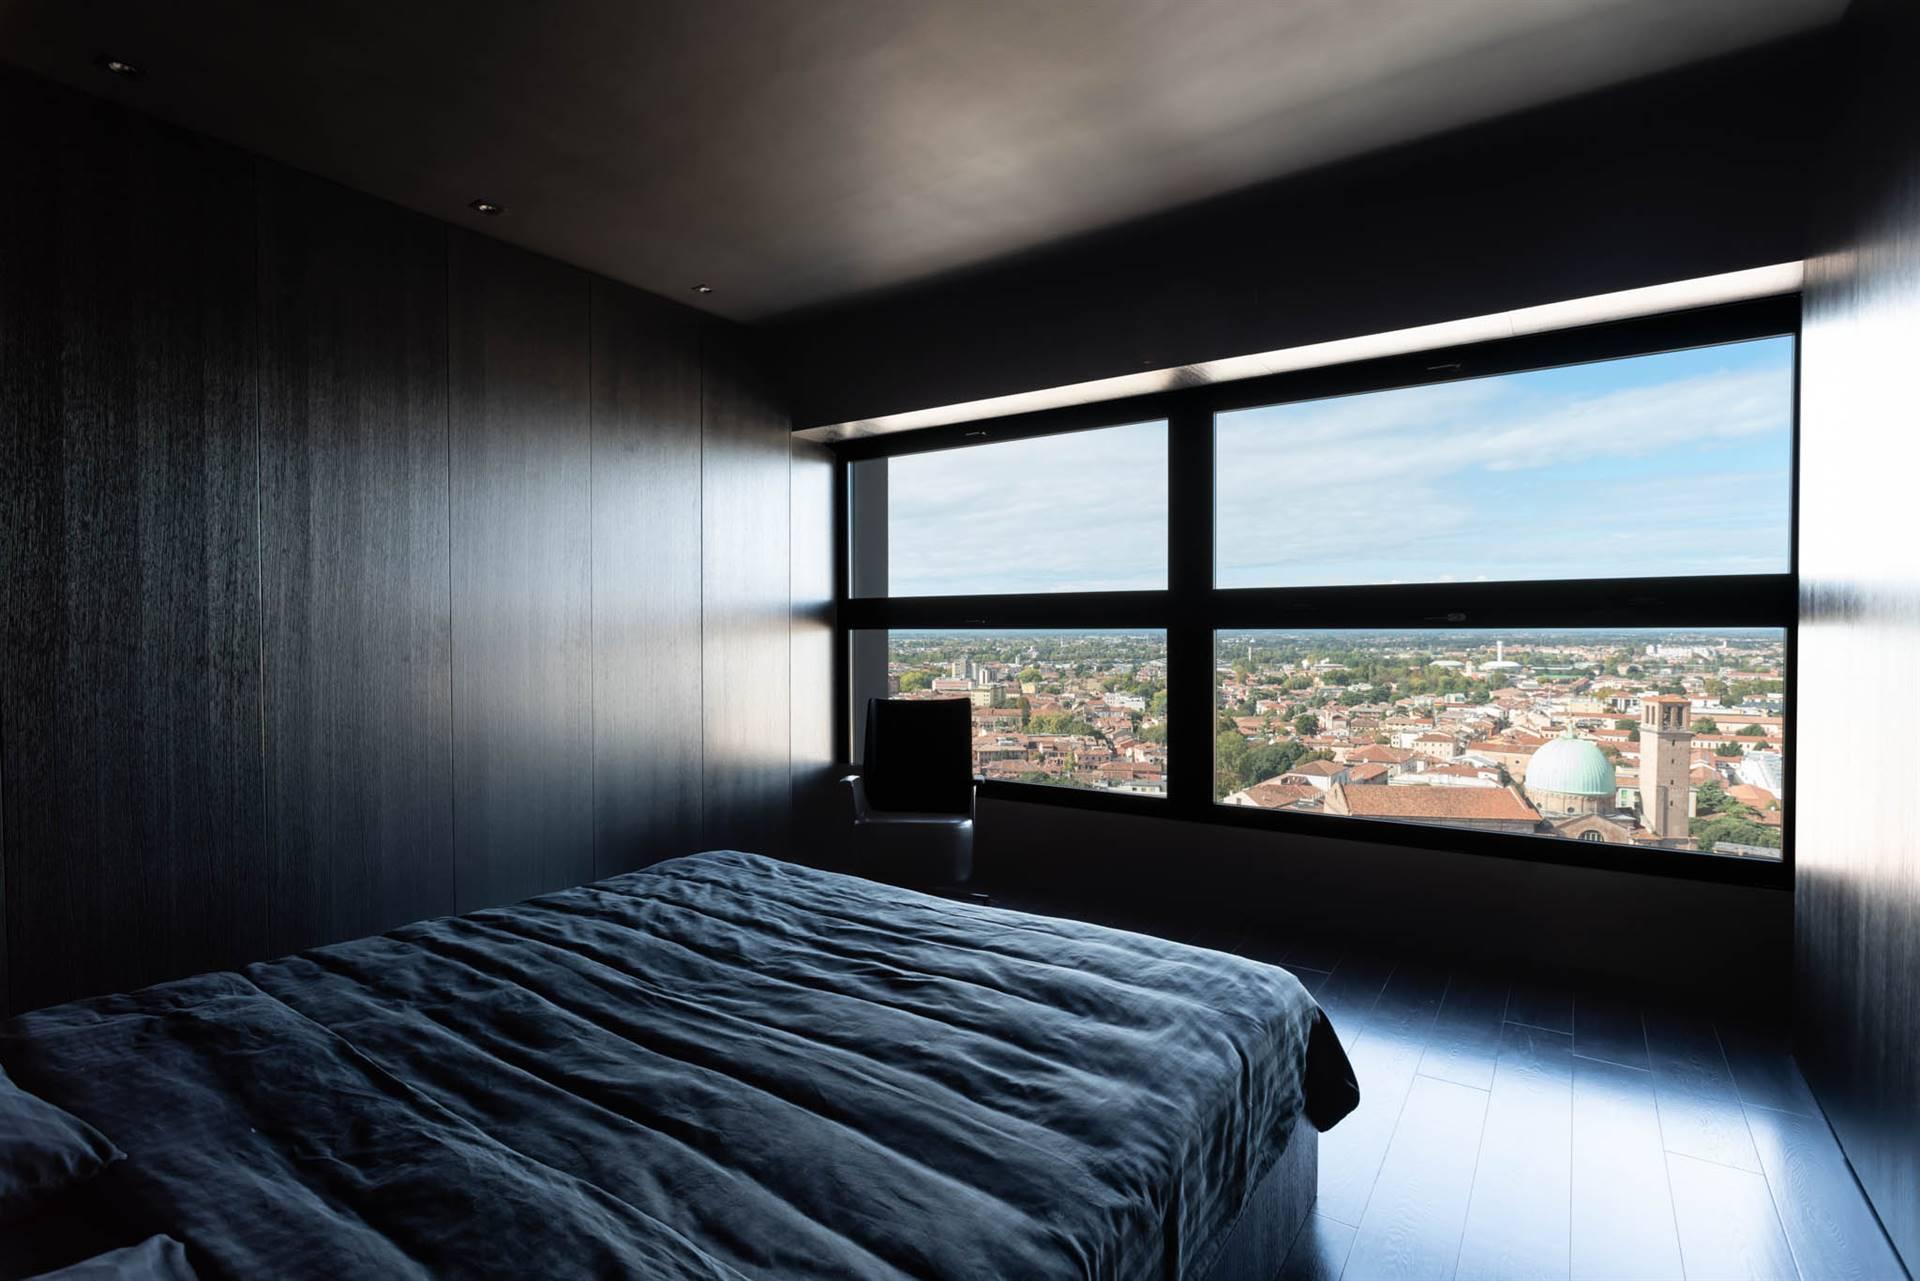 Appartamento In Vendita A Padova Zona Centro Storico Rif Penth 20